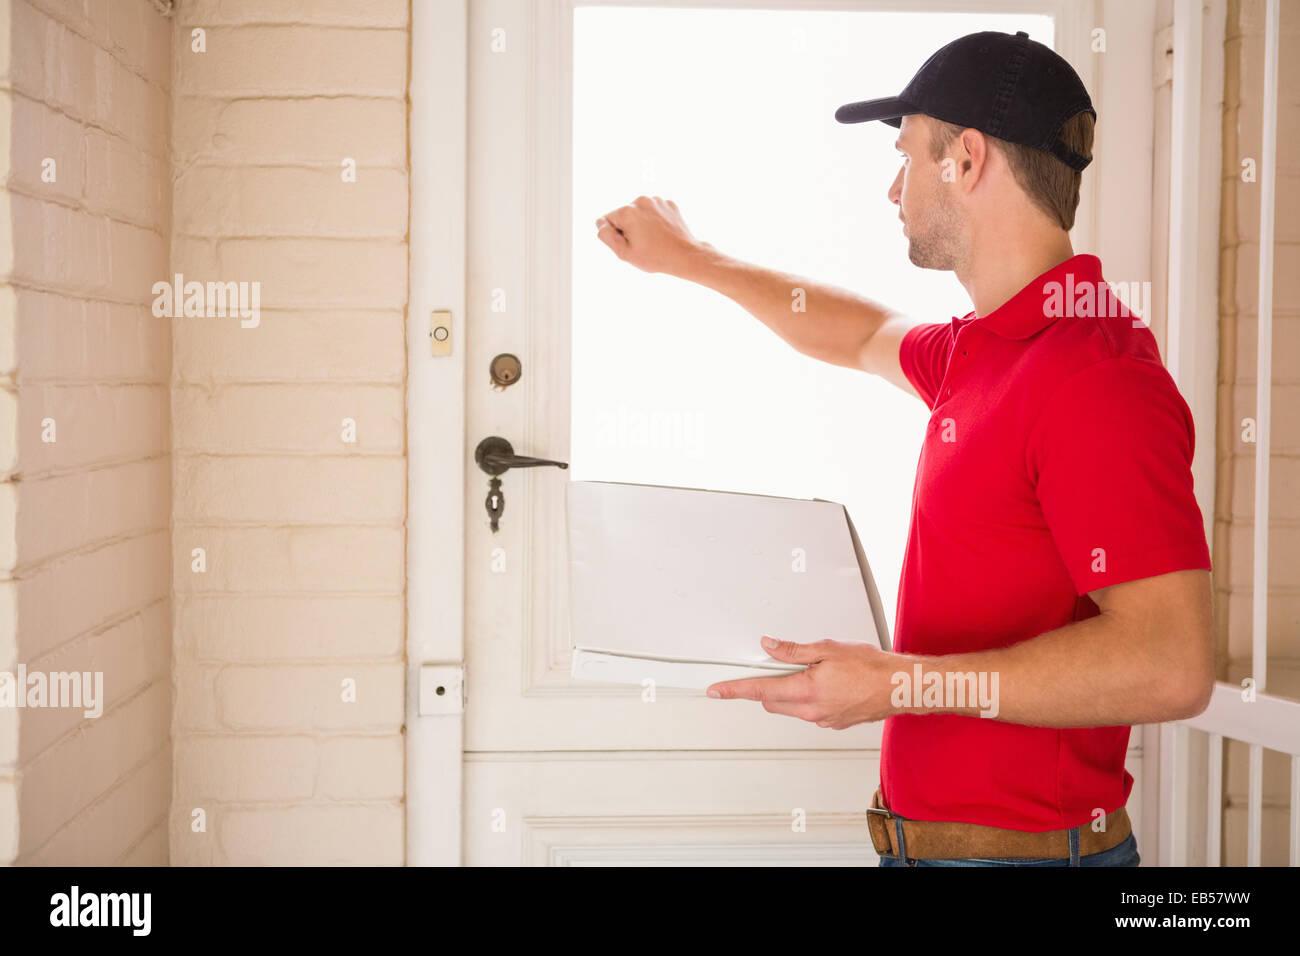 Hombre sujetando entrega pizza mientras llaman a la puerta Foto ...